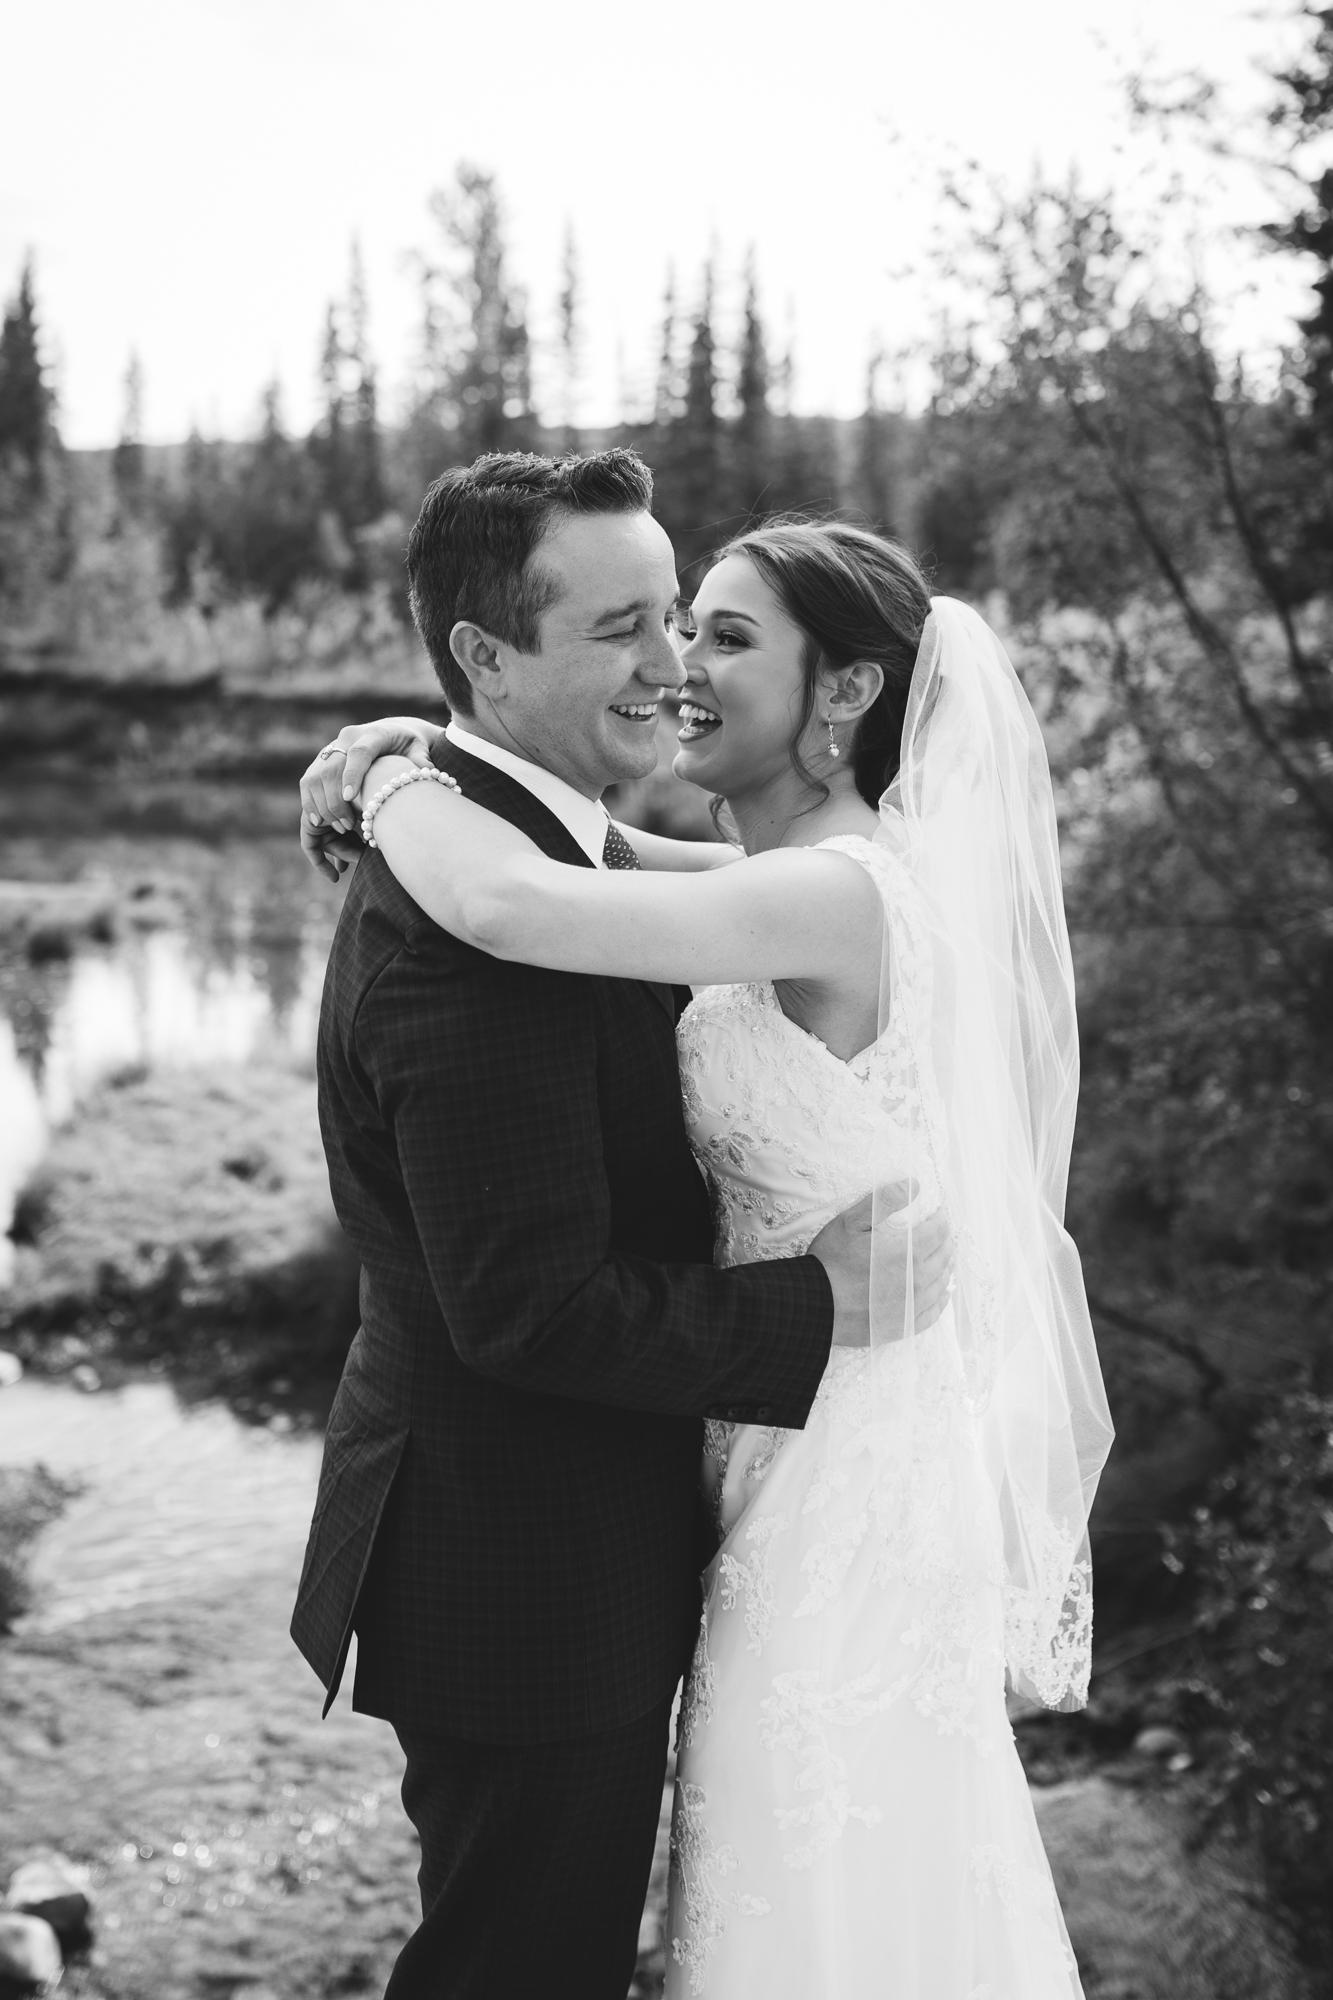 Deanna-Rachel-Photography-calgary-Wedding-photographer-jm-31.jpg